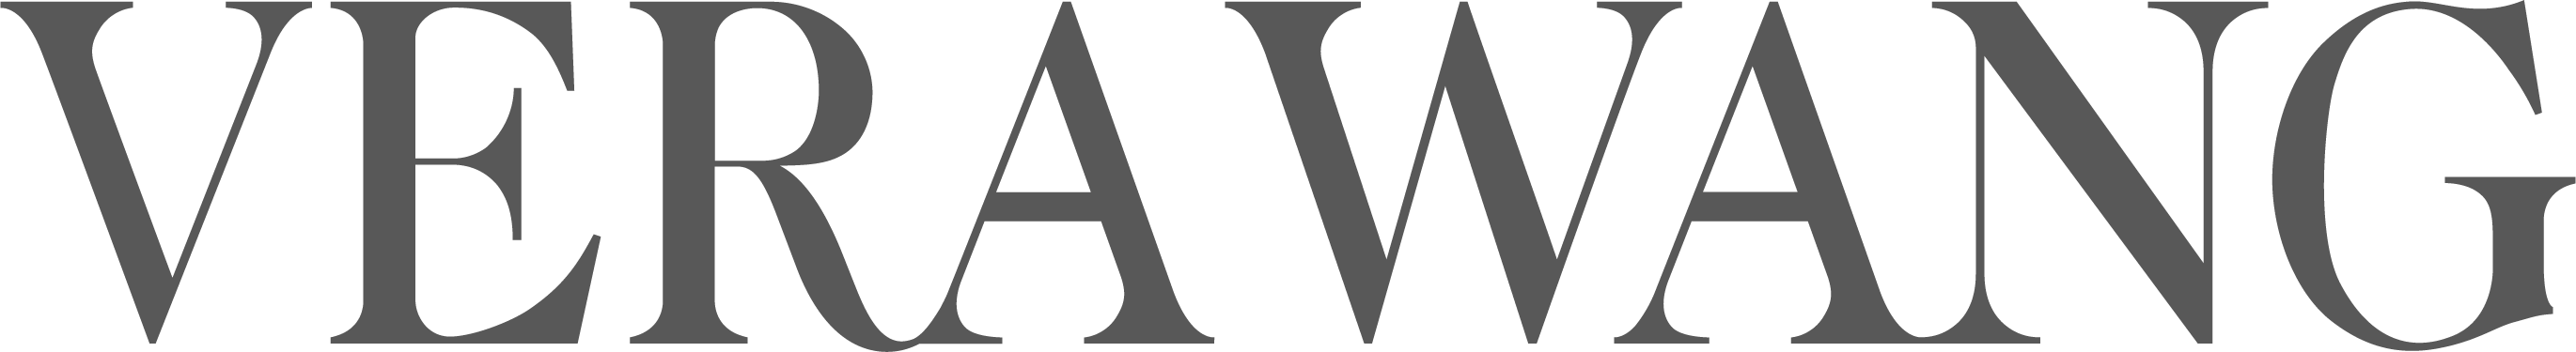 Vera Wang Logo Download Vector.